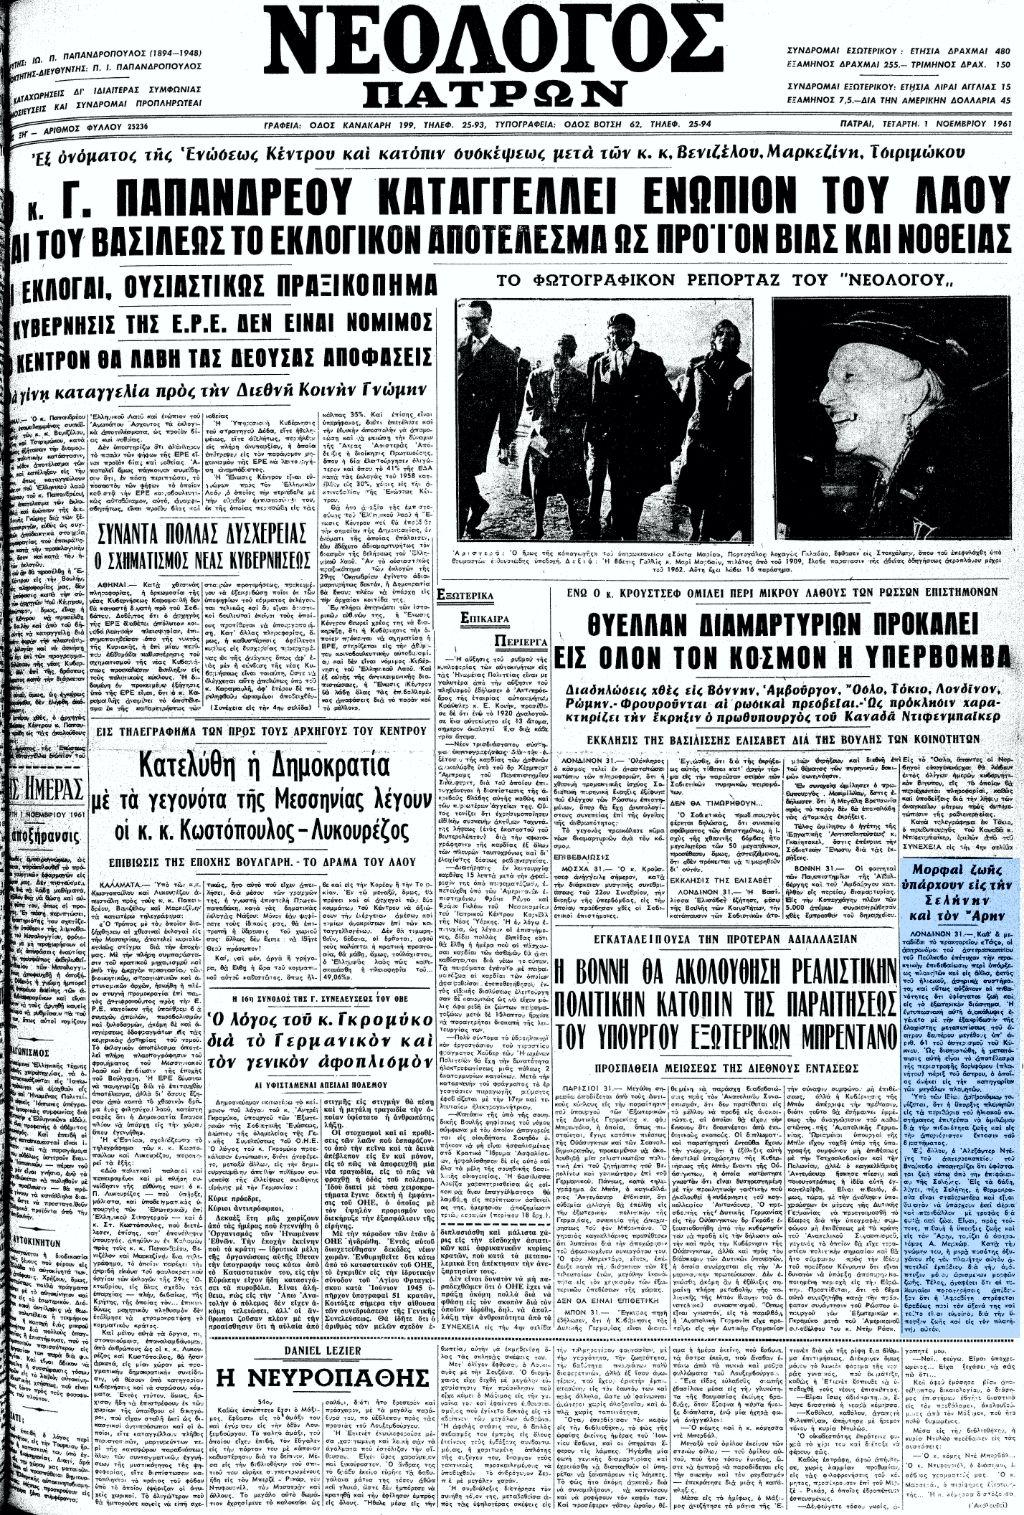 """Το άρθρο, όπως δημοσιεύθηκε στην εφημερίδα """"ΝΕΟΛΟΓΟΣ ΠΑΤΡΩΝ"""", στις 01/11/1961"""